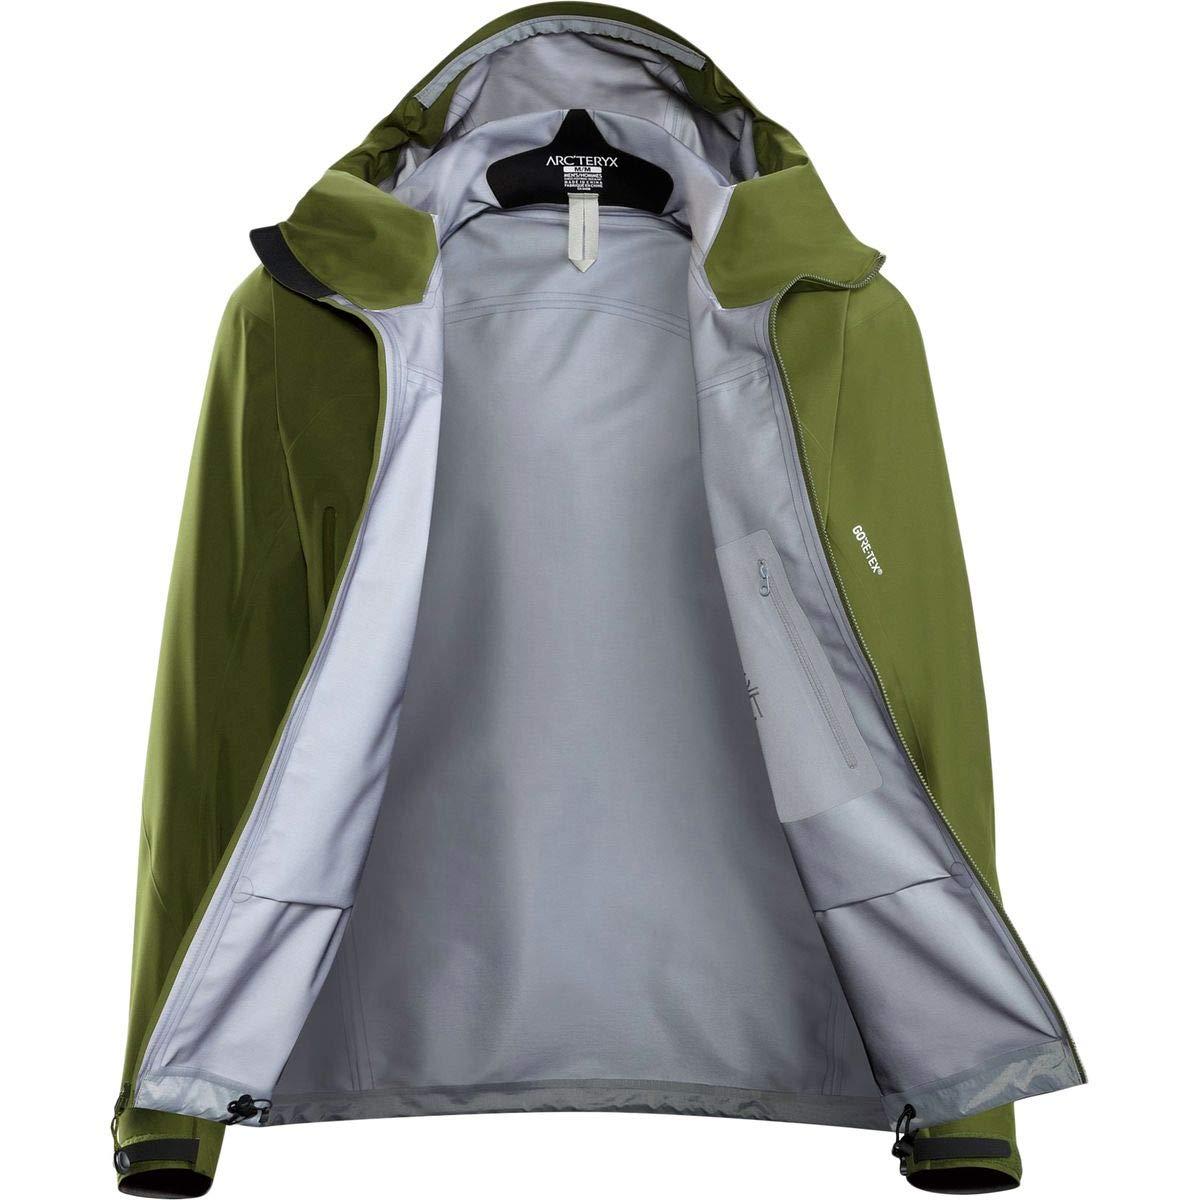 Men Zeta LT Arc teryx Zeta LT Jacket